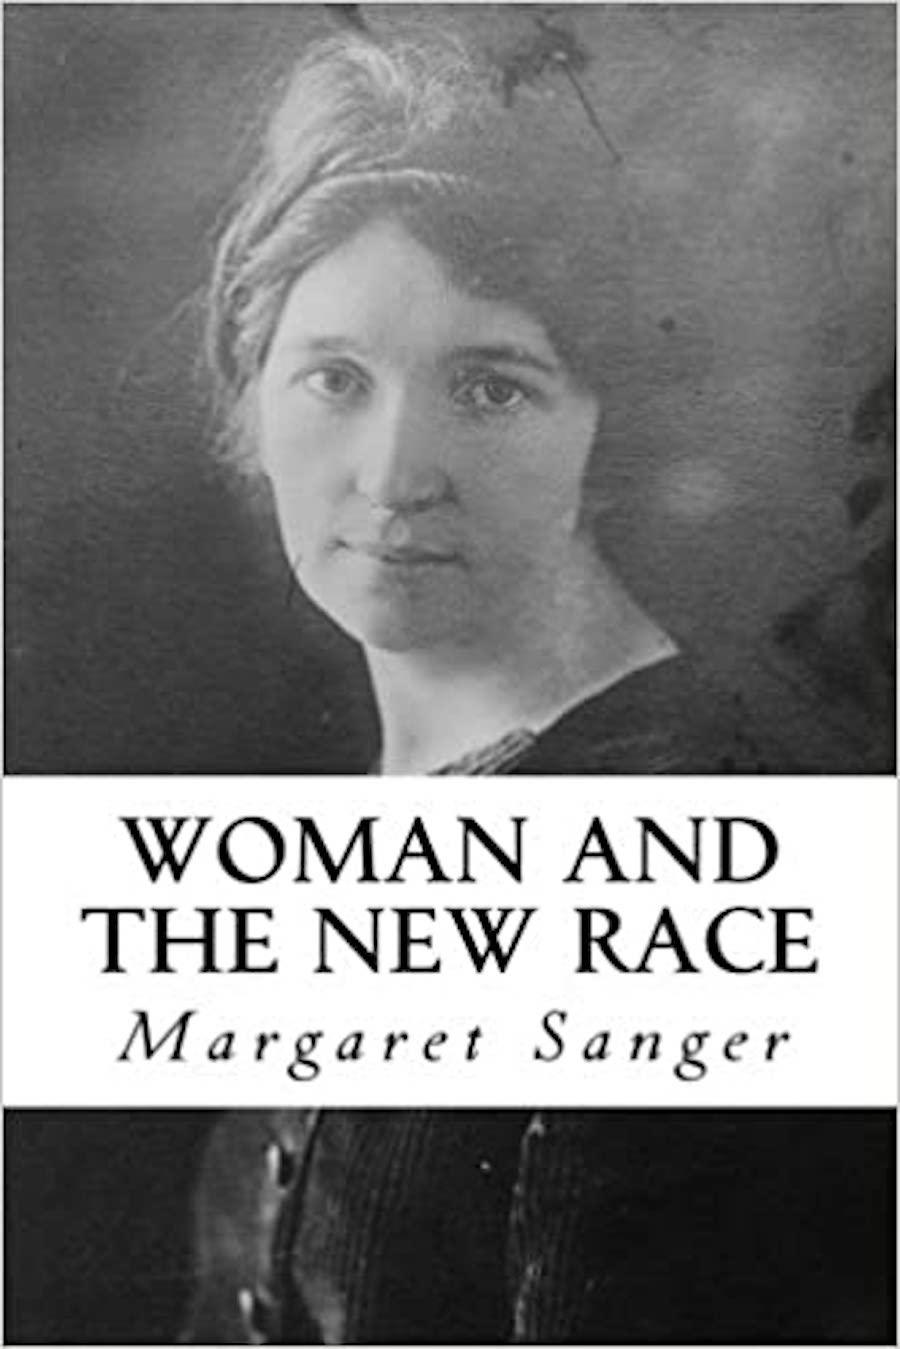 Margaret Sanger The New Race